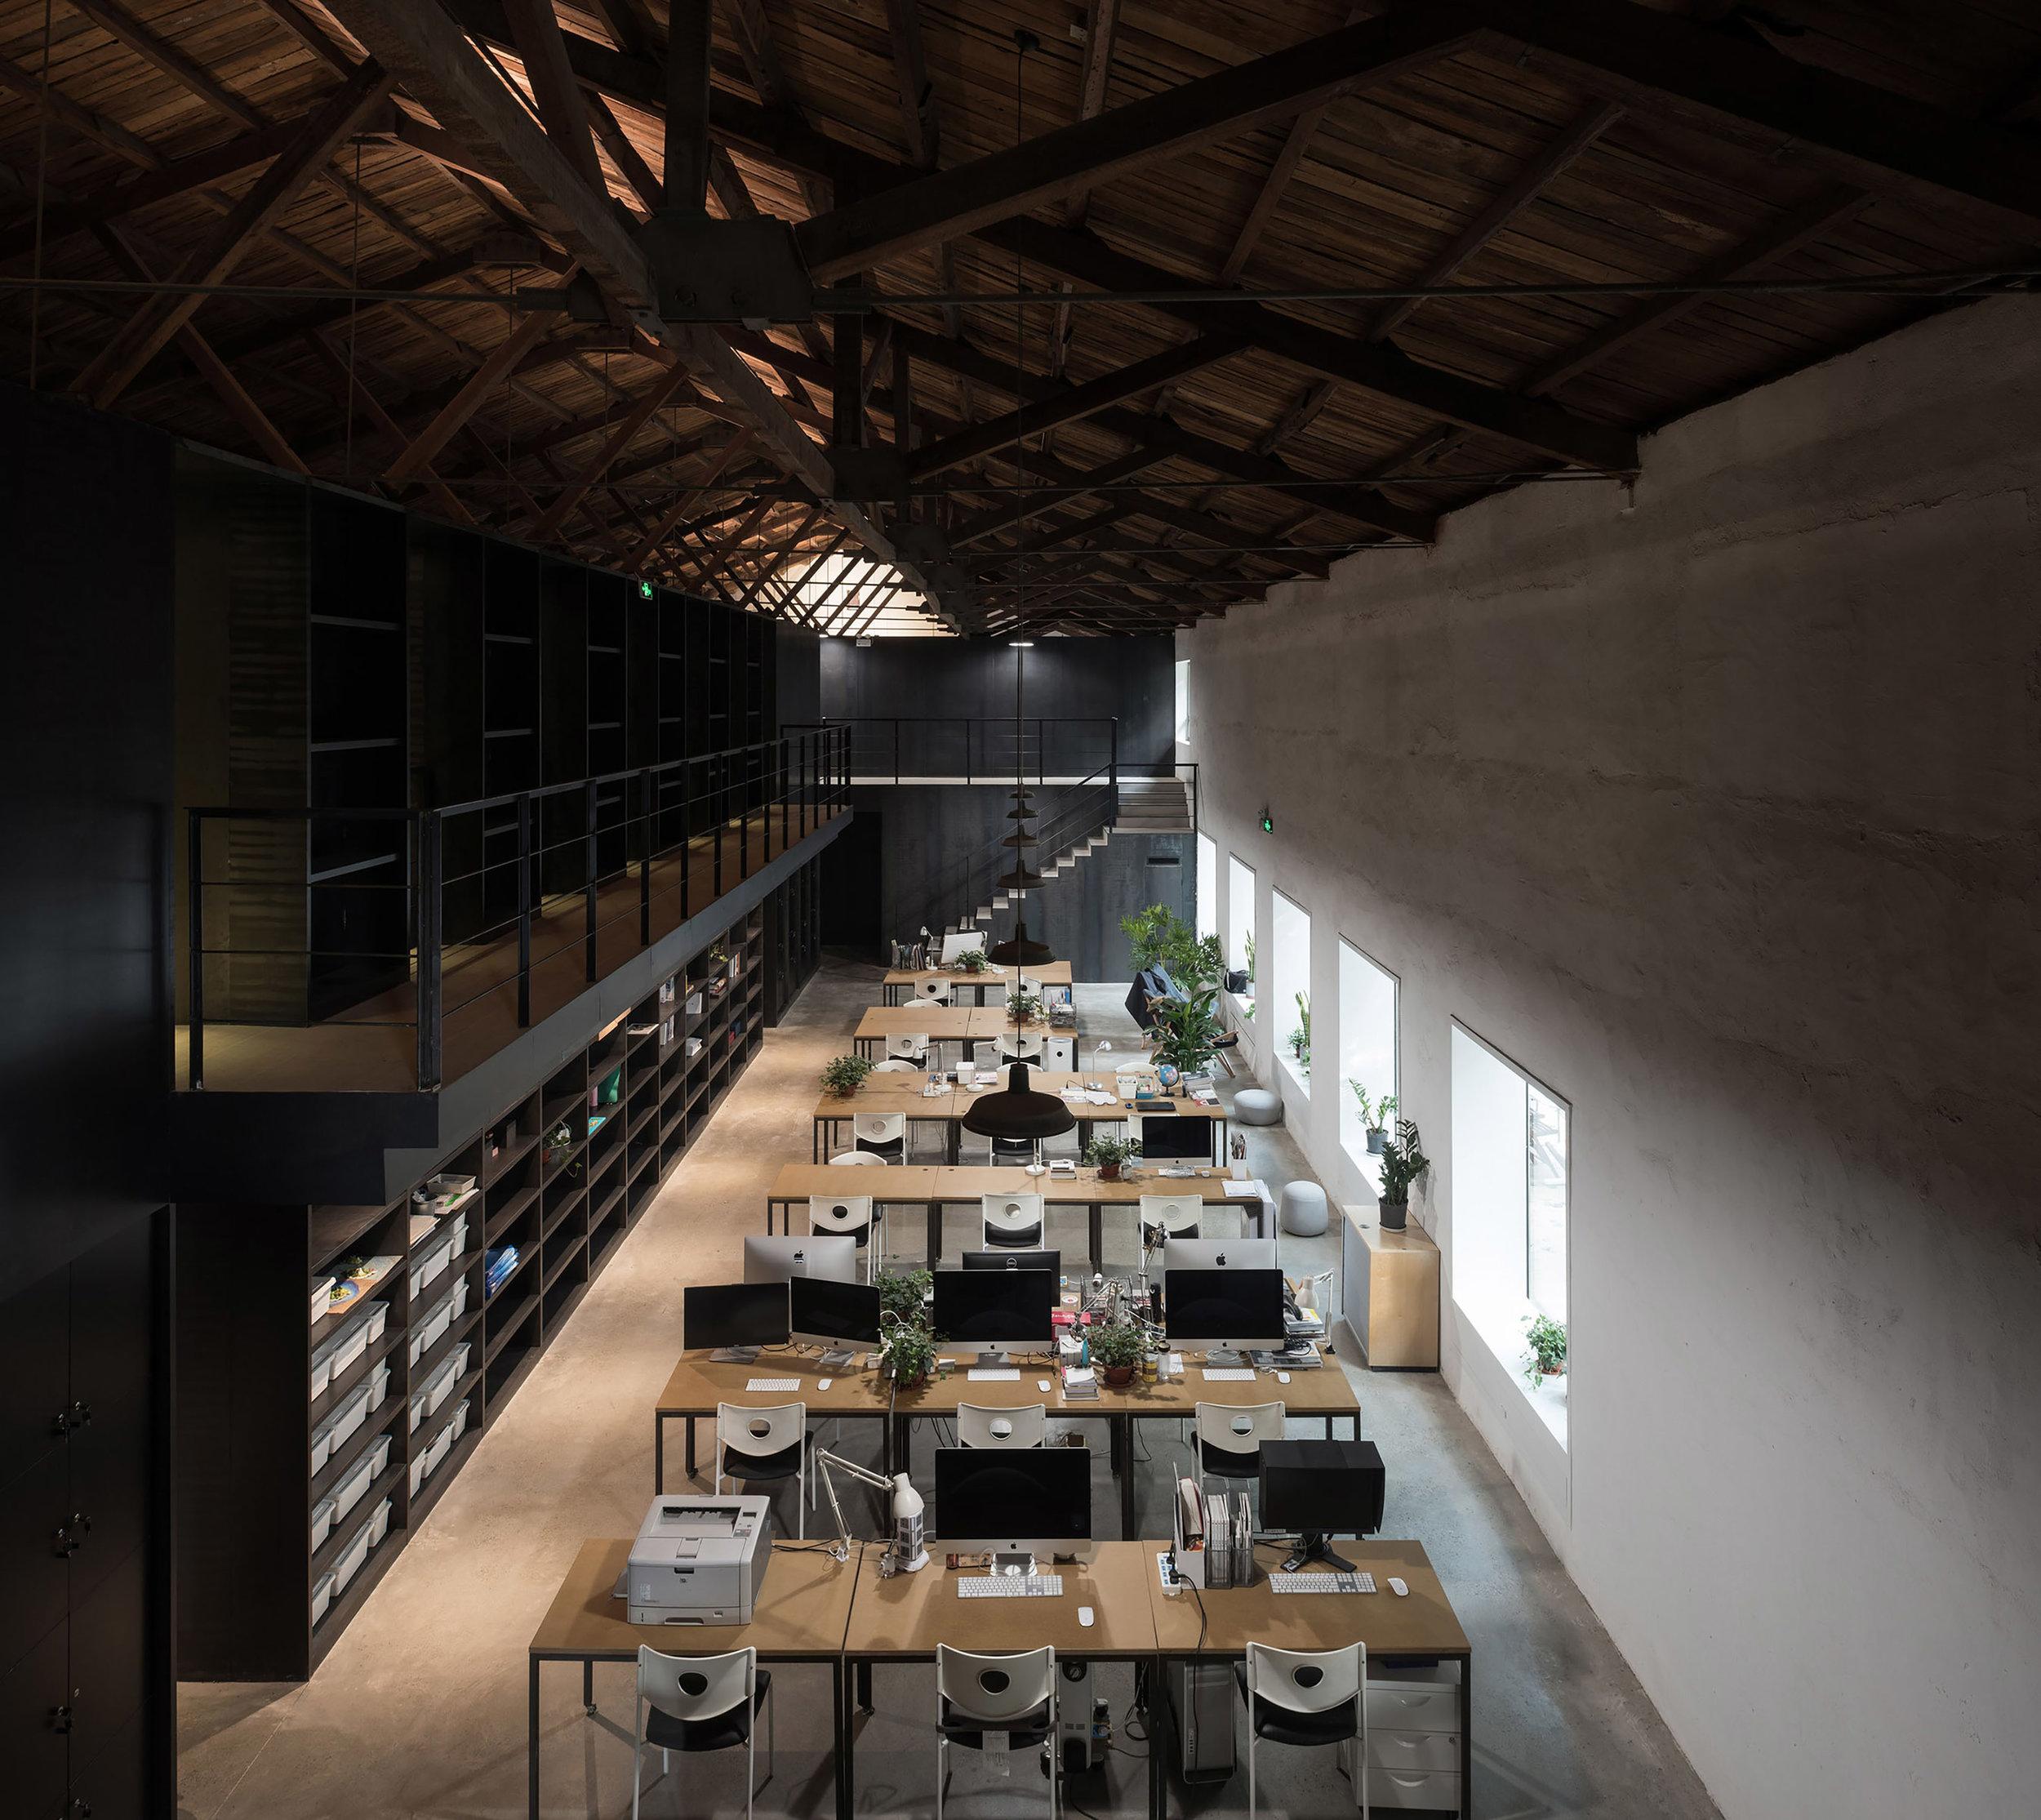 南侧办公区二层视野 south working area view from 2nd floor.jpg